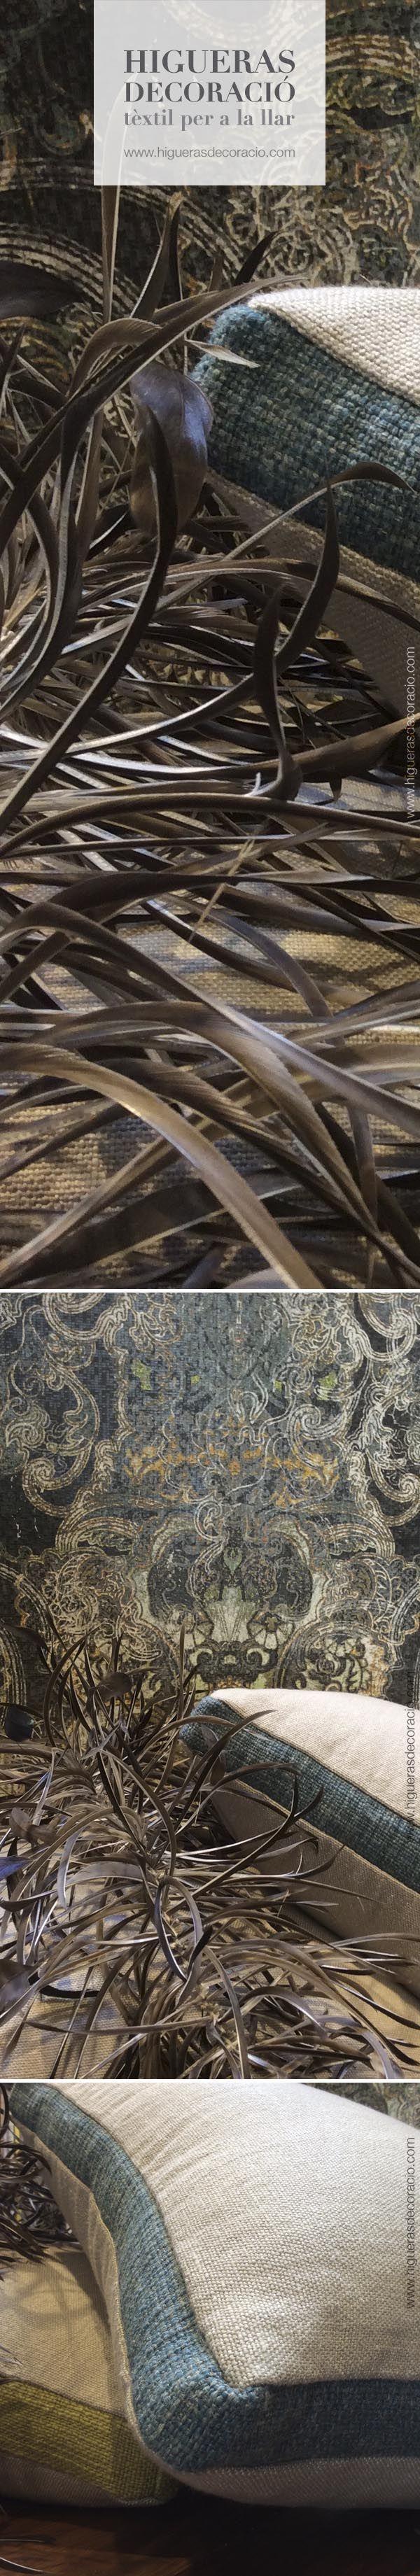 #Cojín de lino rustico. #Cojín confeccionado con #tela de lino de apariencia fuerte. La #tela de lino tiene propiedades de enfriamiento y de calentamiento, ideal para todas las estaciones del año. #Las plumas para decorar, elegantes y sofisticadas #Coixí de lli rústic. #Coixí confeccionat amb #tela de lli d'aparença forta. La #tela de lli té propietats de refredament i d'escalfament, ideal per a totes les estacions de l'any. www.higuerasdecoracio.com